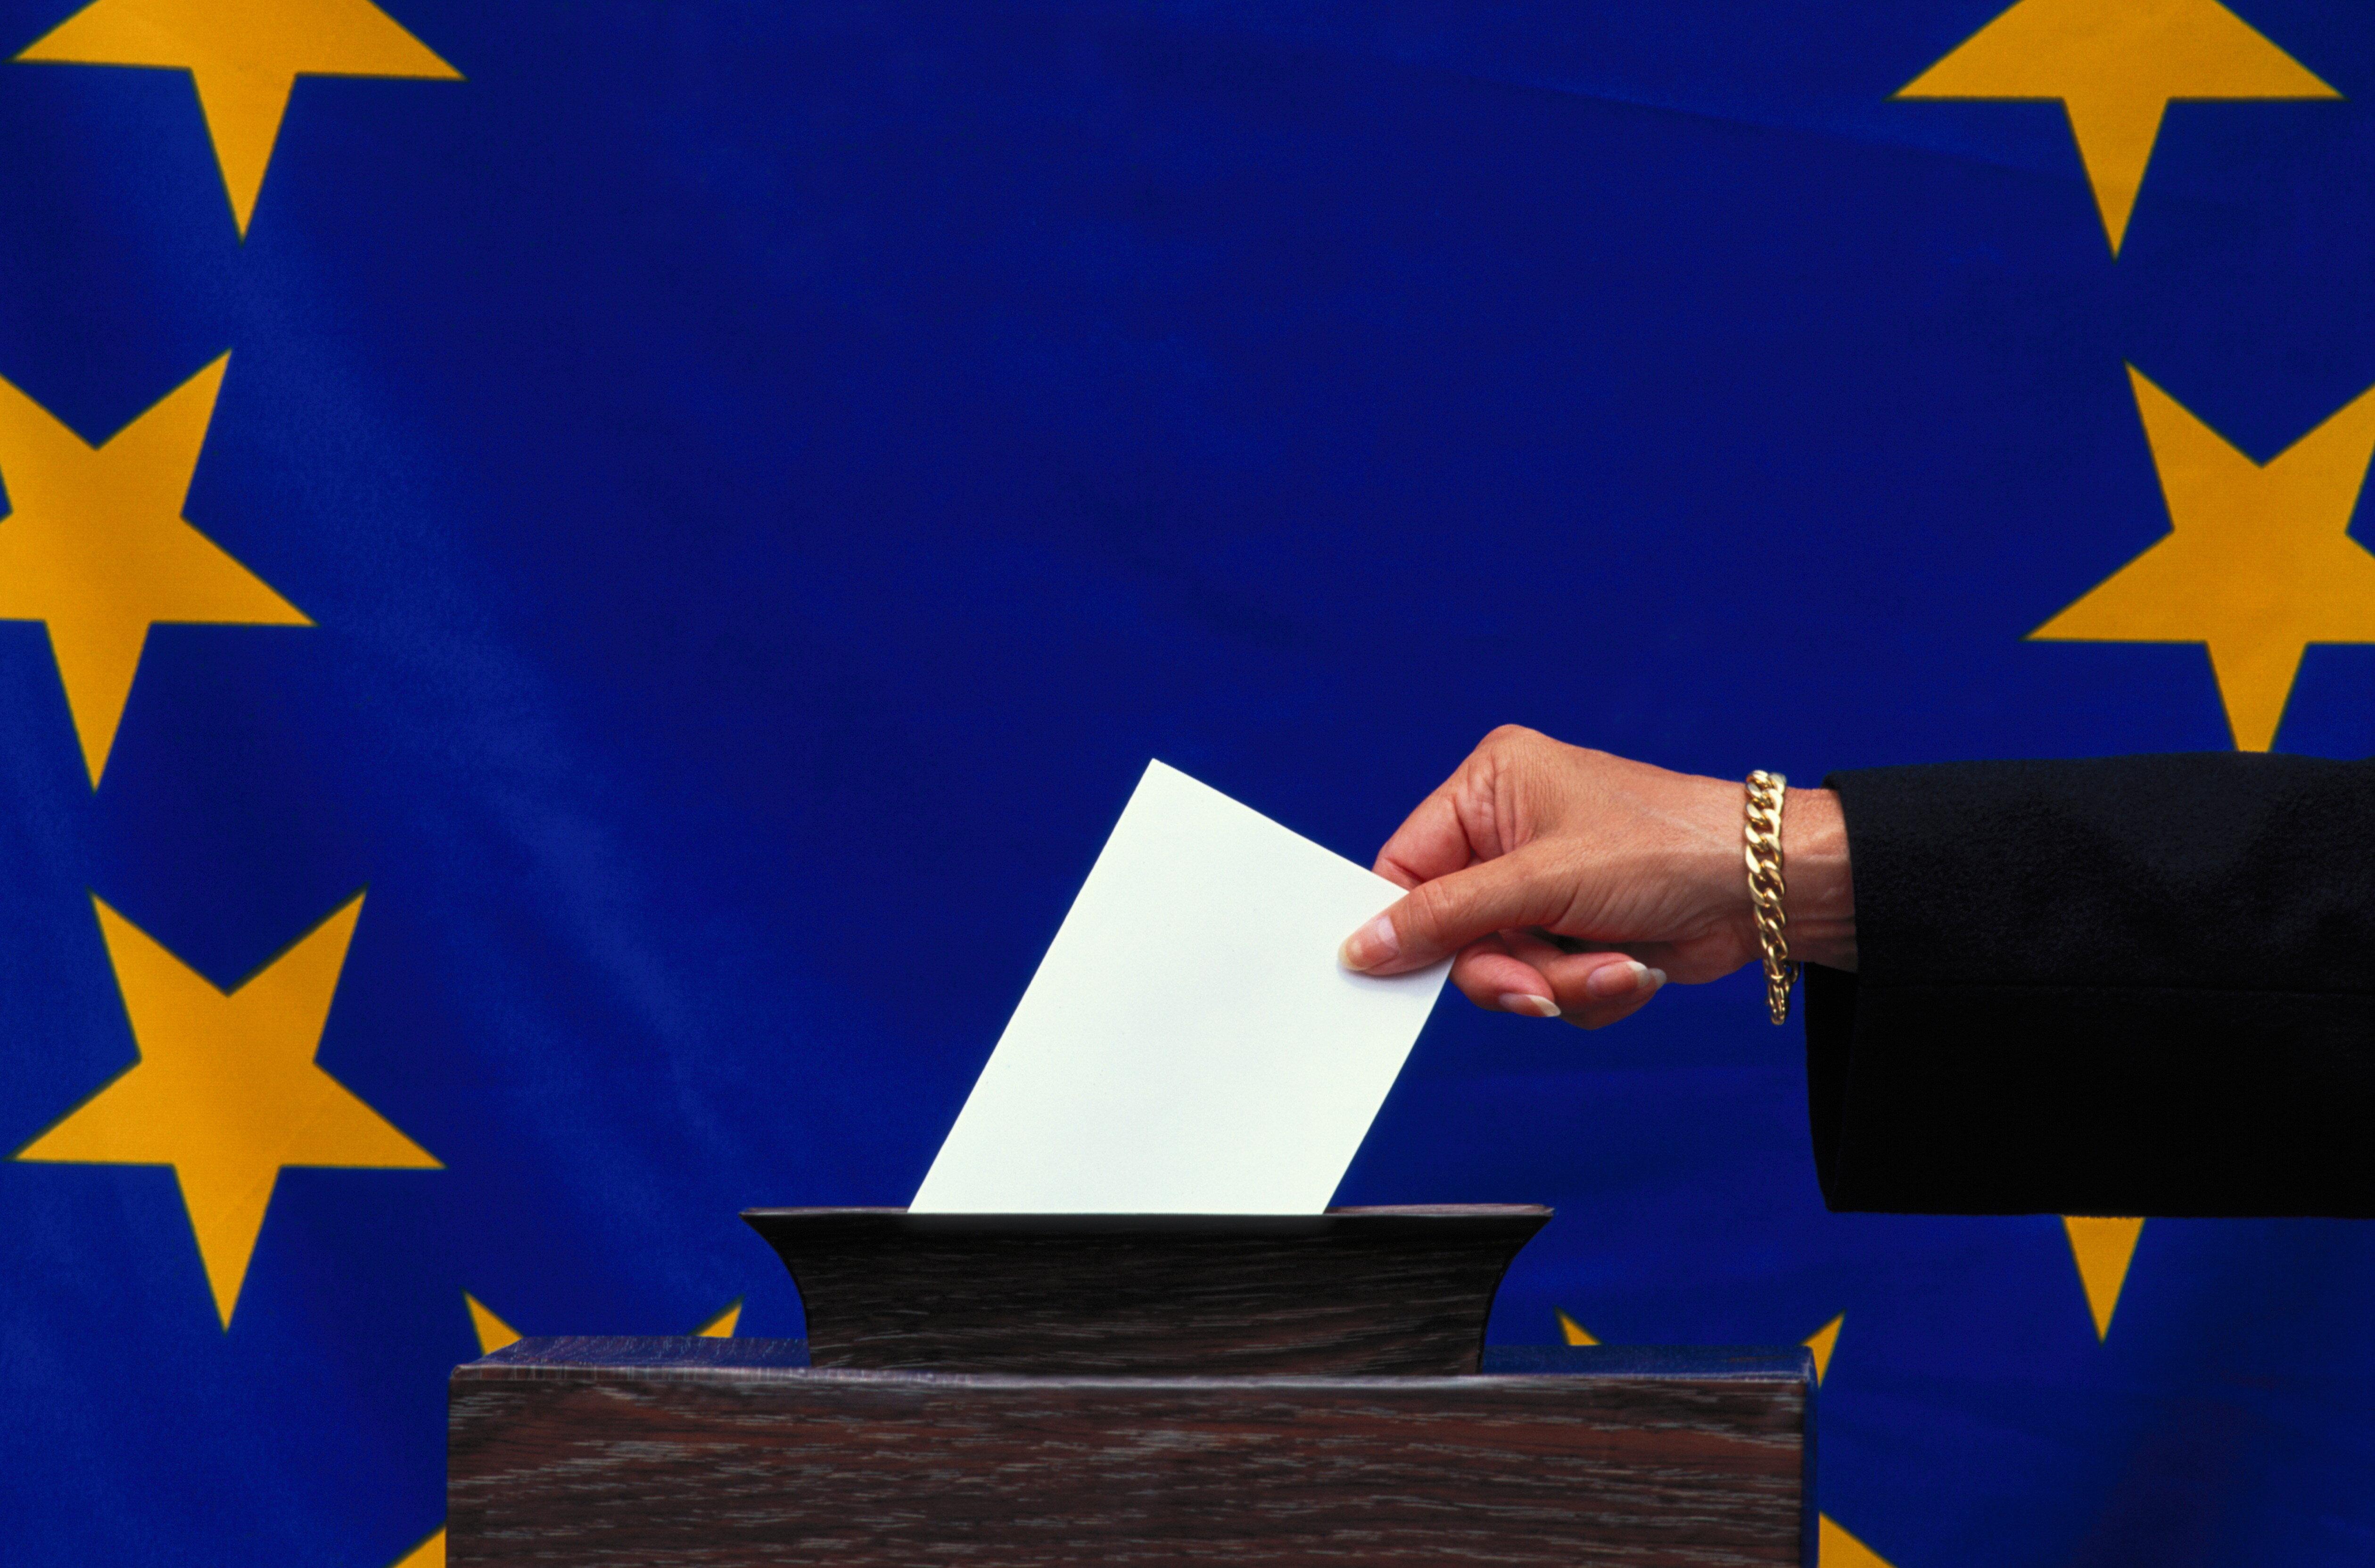 Europa nonostante tutto: 10 libri per capire le sfide politiche ed economiche delle